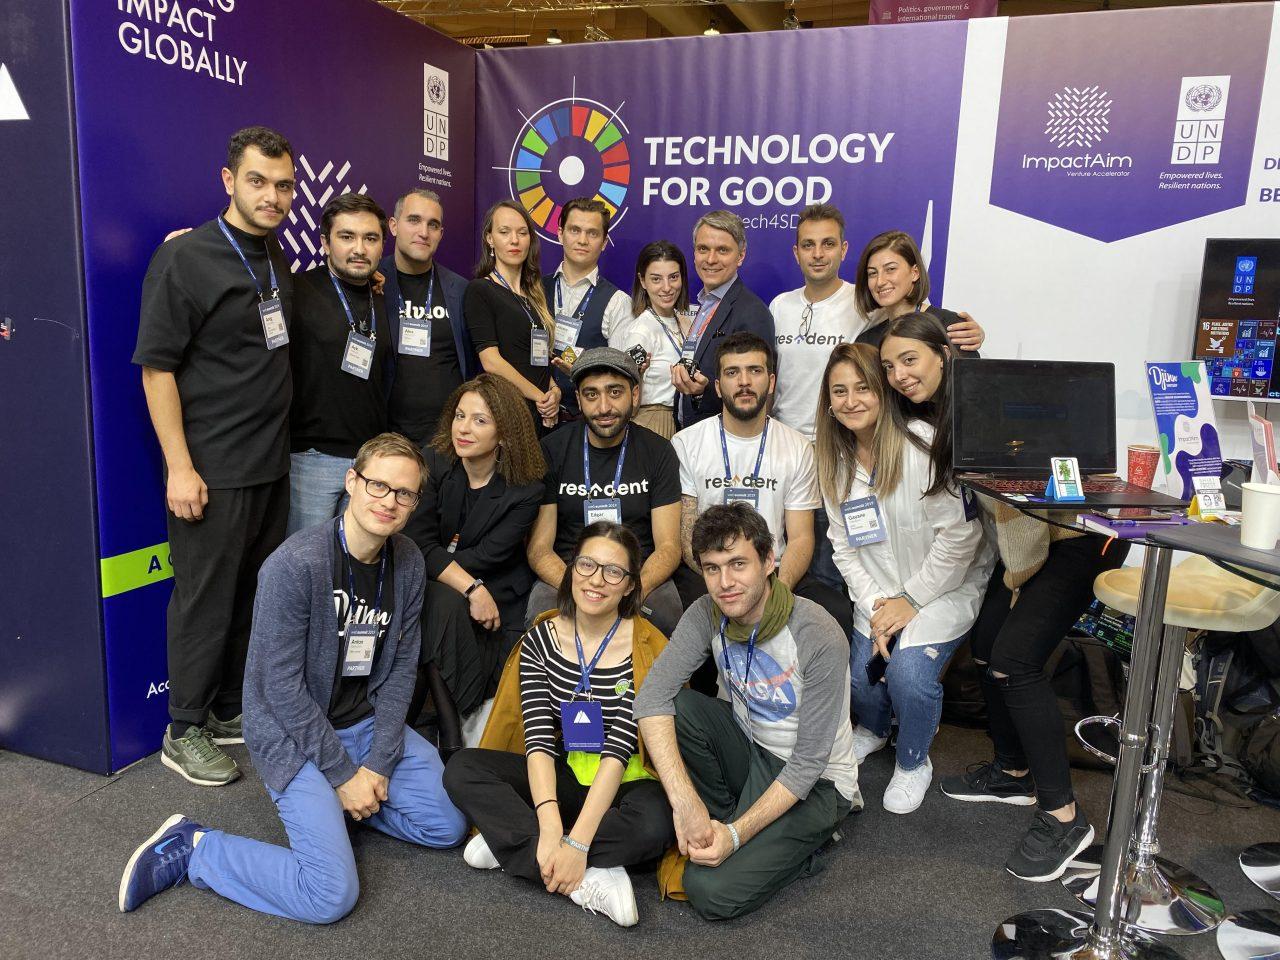 ՄԱԶԾ-ի ImpactAIM աքսելերացիոն ծրագրերի ստարտափները նոյեմբերին մասնակցեցին երեք միջազգային համաժողովների